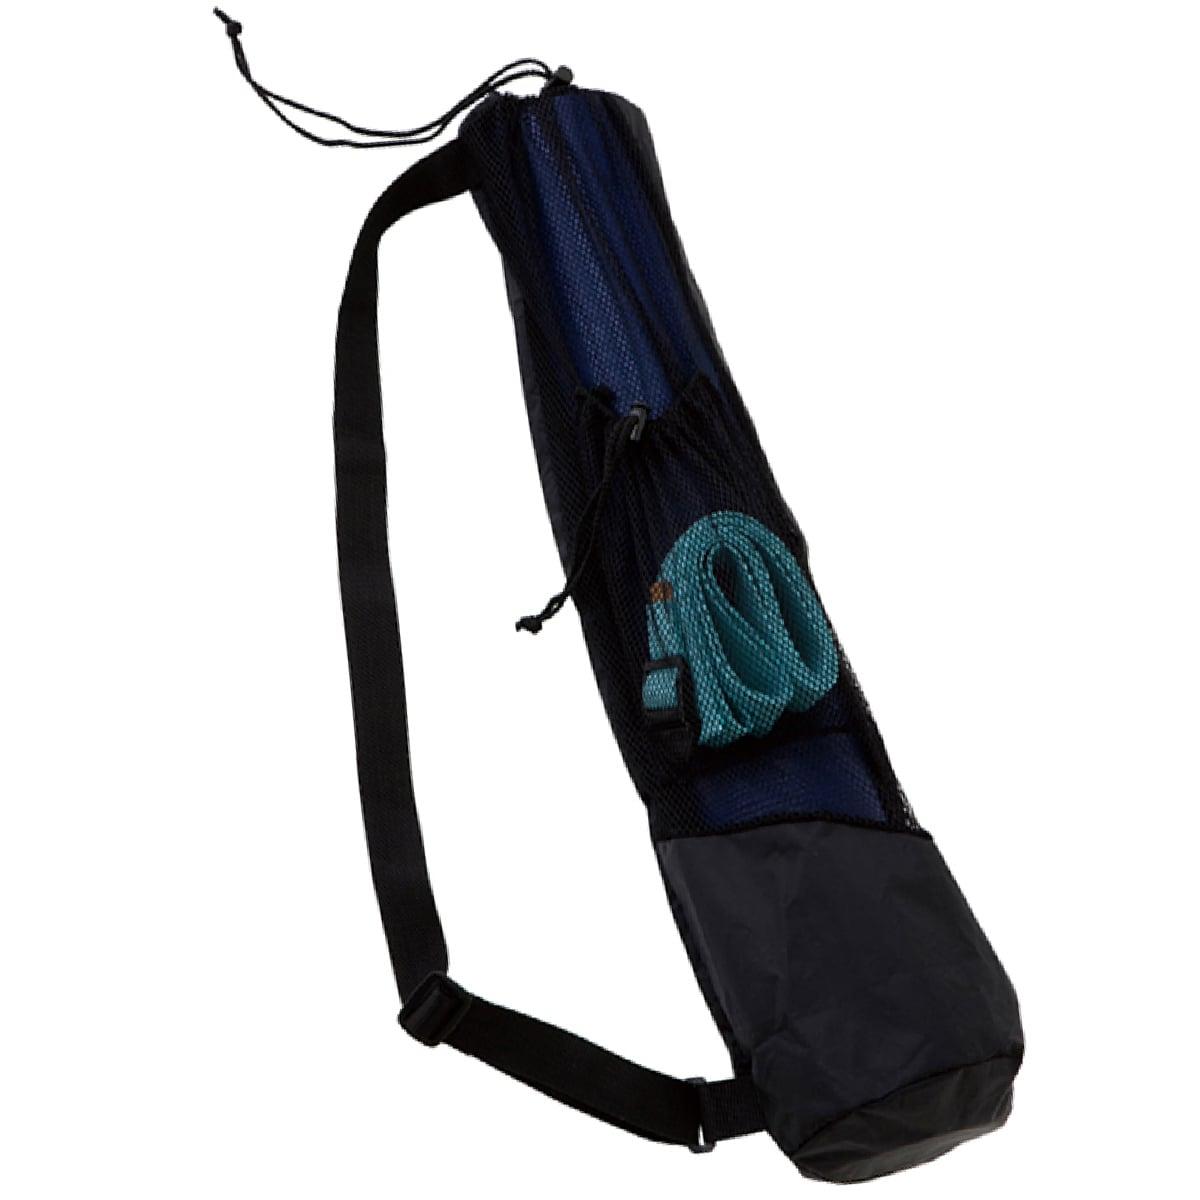 【ヨガワークス】 ポケット付メッシュバッグ | #yogaworks #ヨガマットケース #収納ケース #ヨガマット #持ち運び #6mm対応